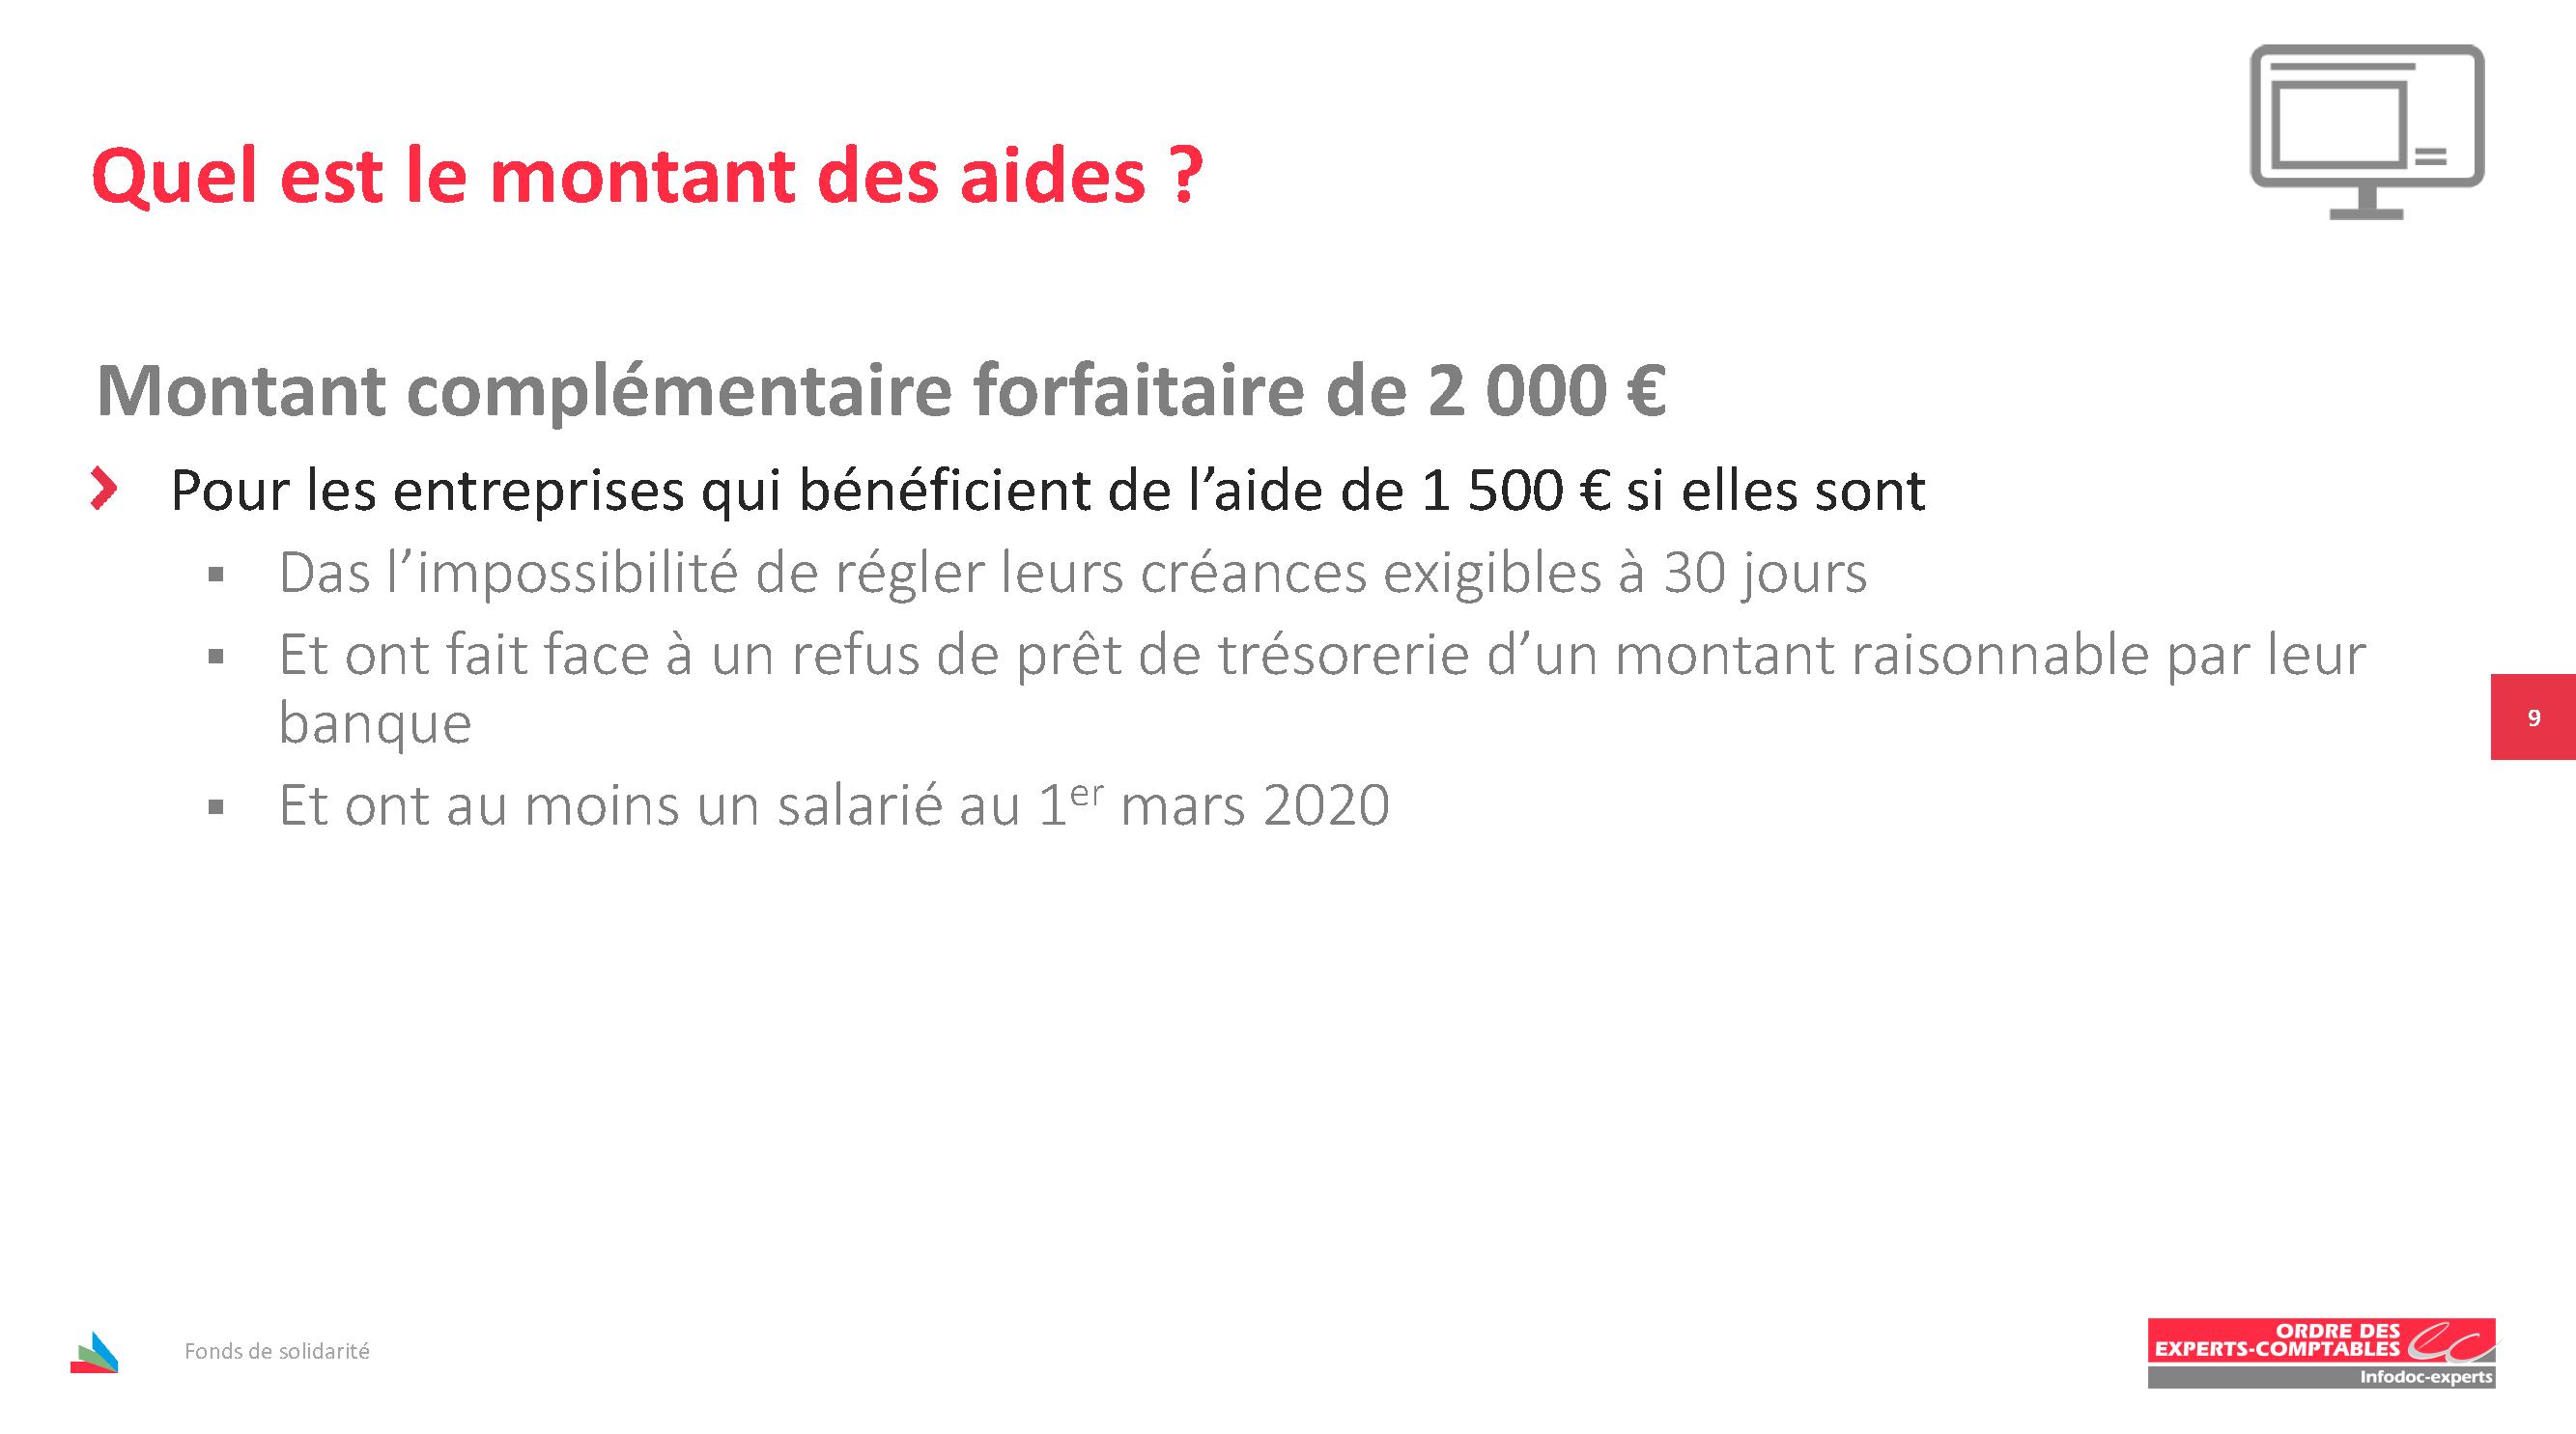 Fonds solidarité_diapo seul_31032020_Page_09